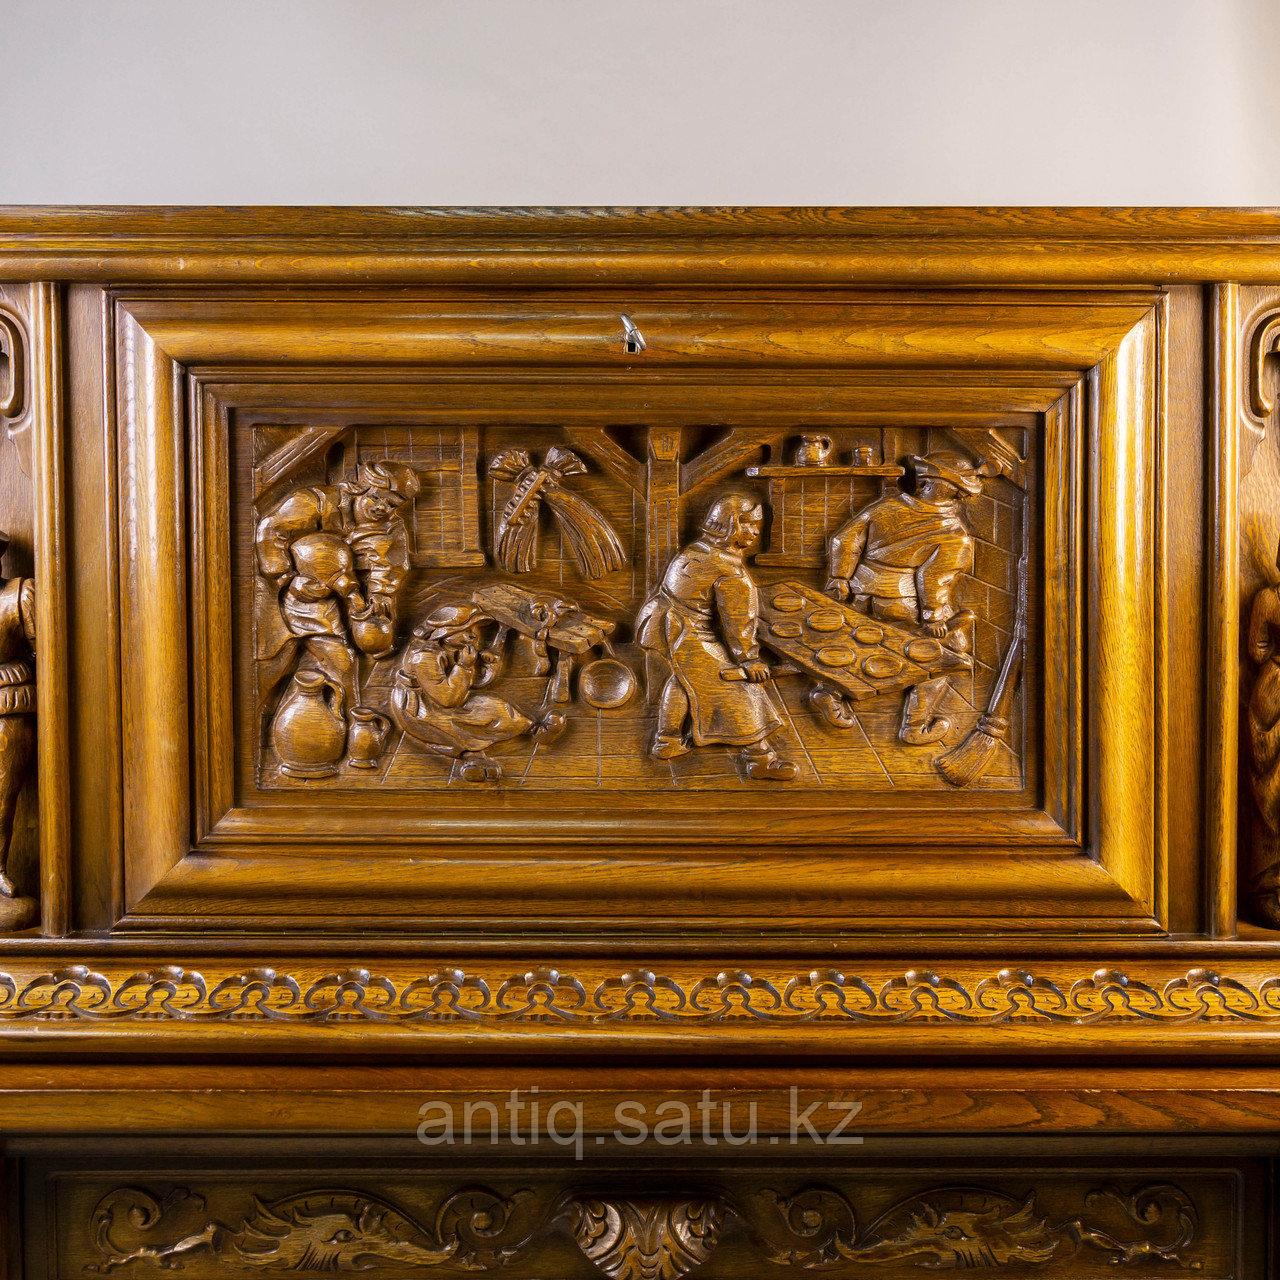 Комод в стиле Брейгель. Голландия- Бельгия. Середина 20 го века. Необычный резной бар-комод. - фото 7